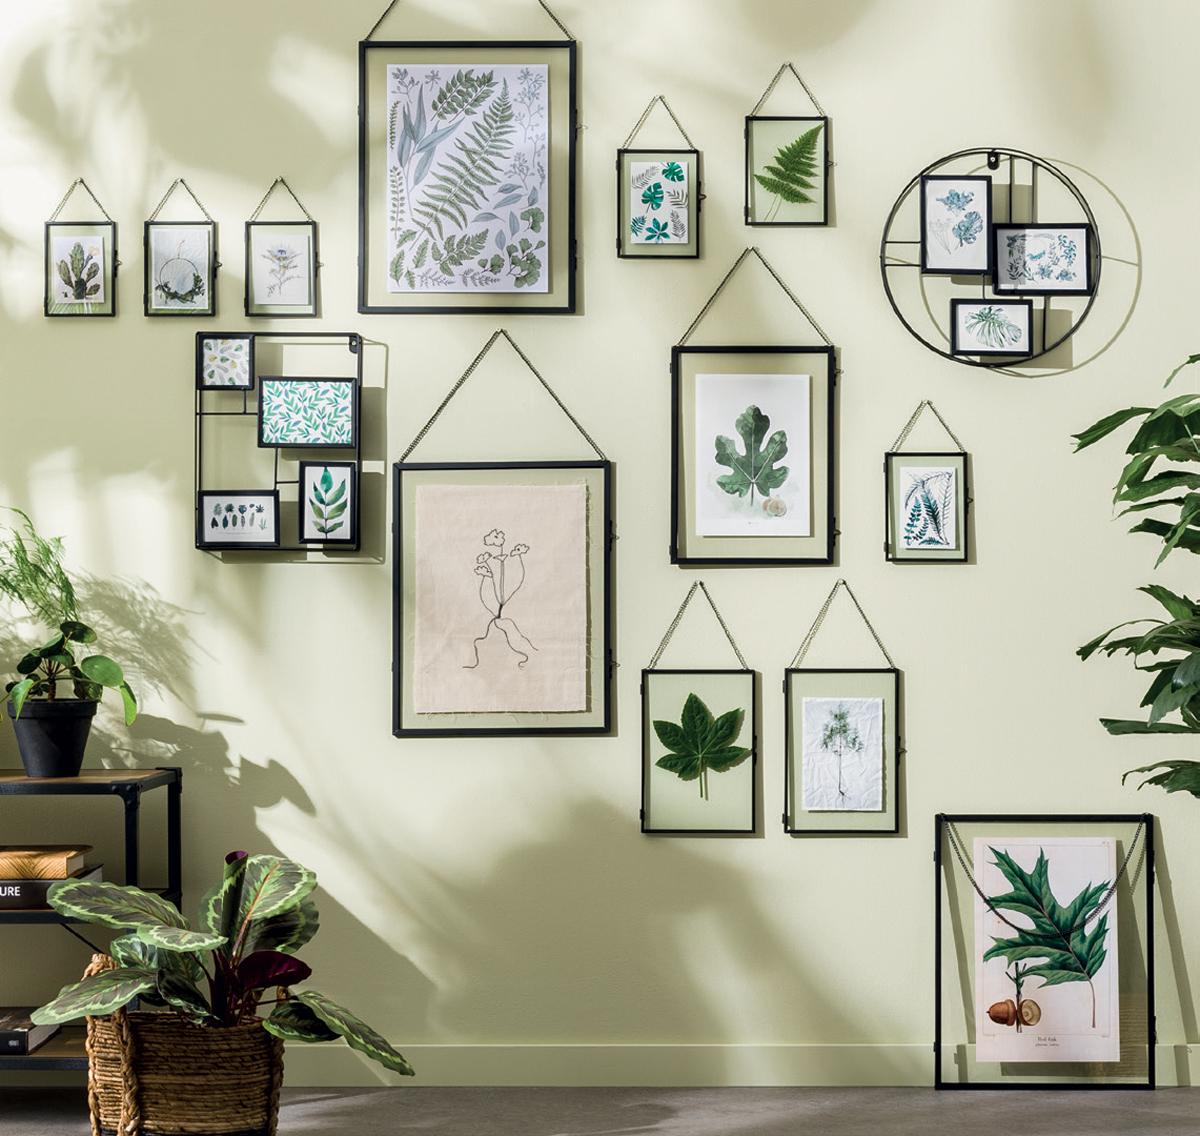 Sierlijsten aan de muur kunnen je interieurstijl verduidelijken.